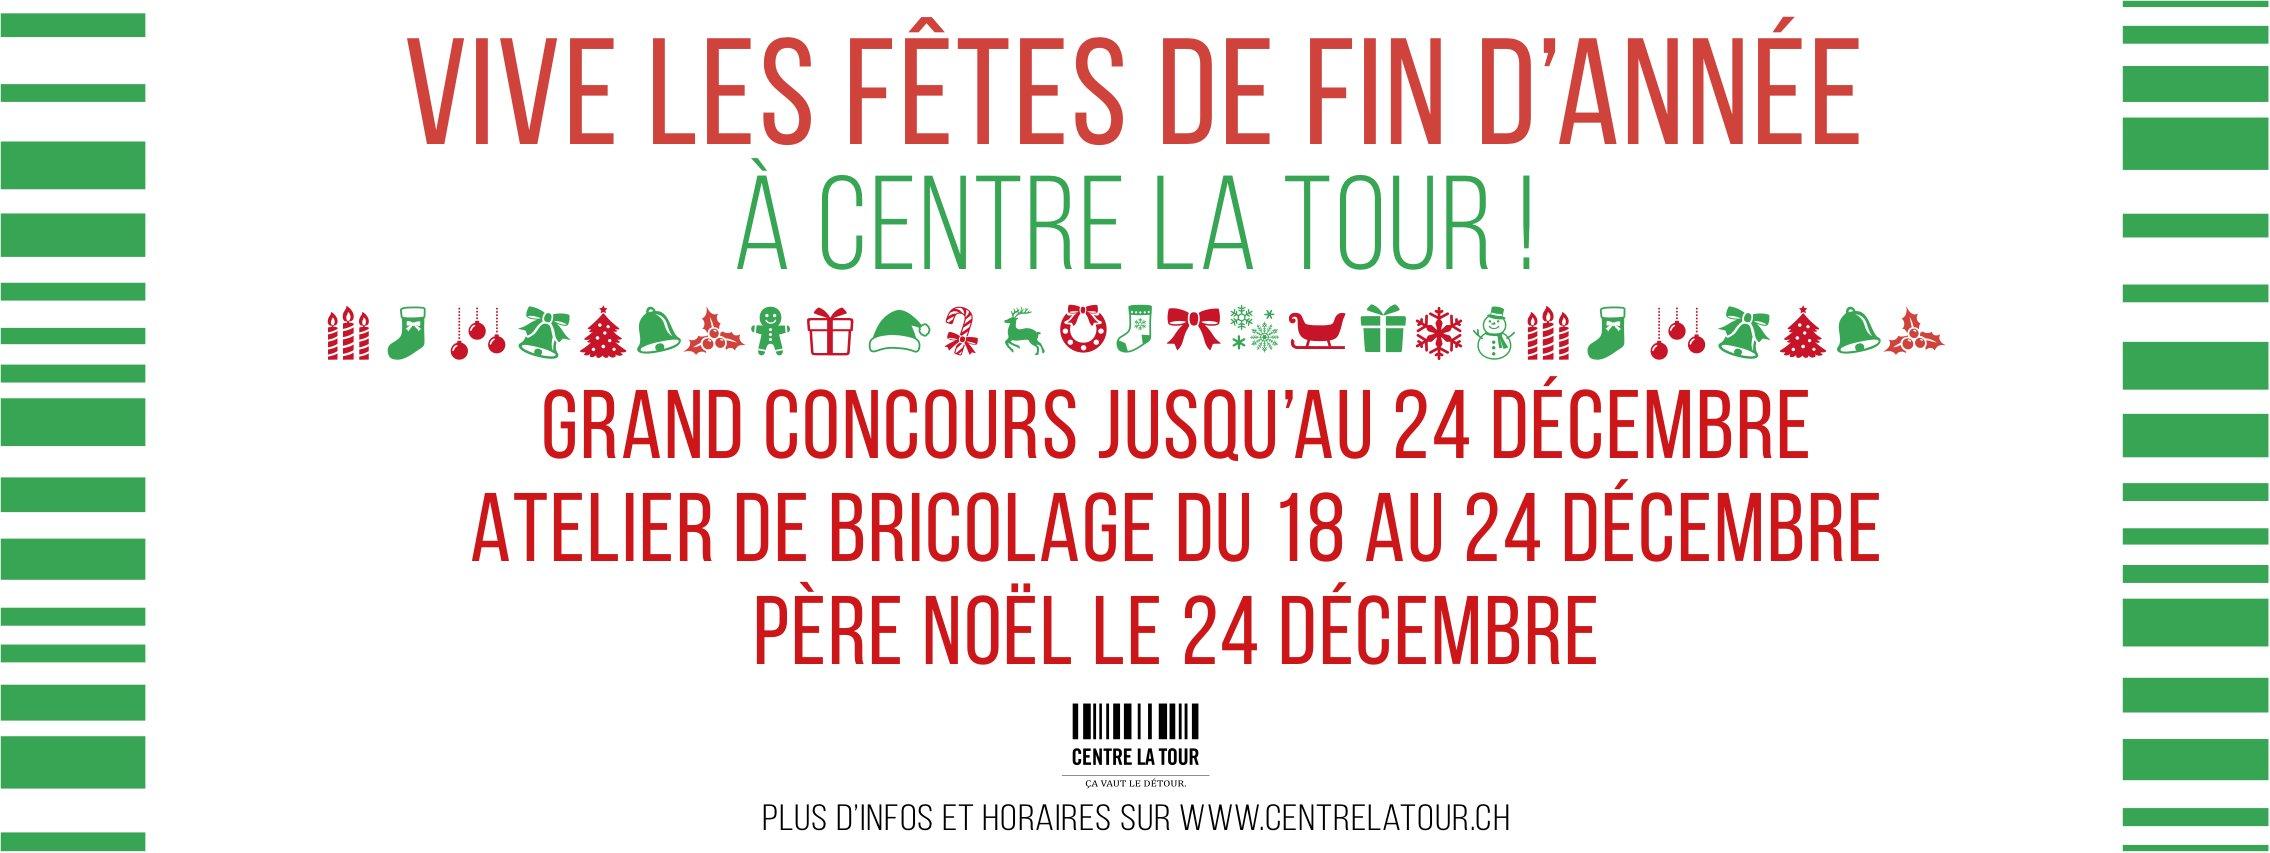 Centre la tour Vive les fêtes de fin d'année, Grand concours jusqu'au 24 décembre